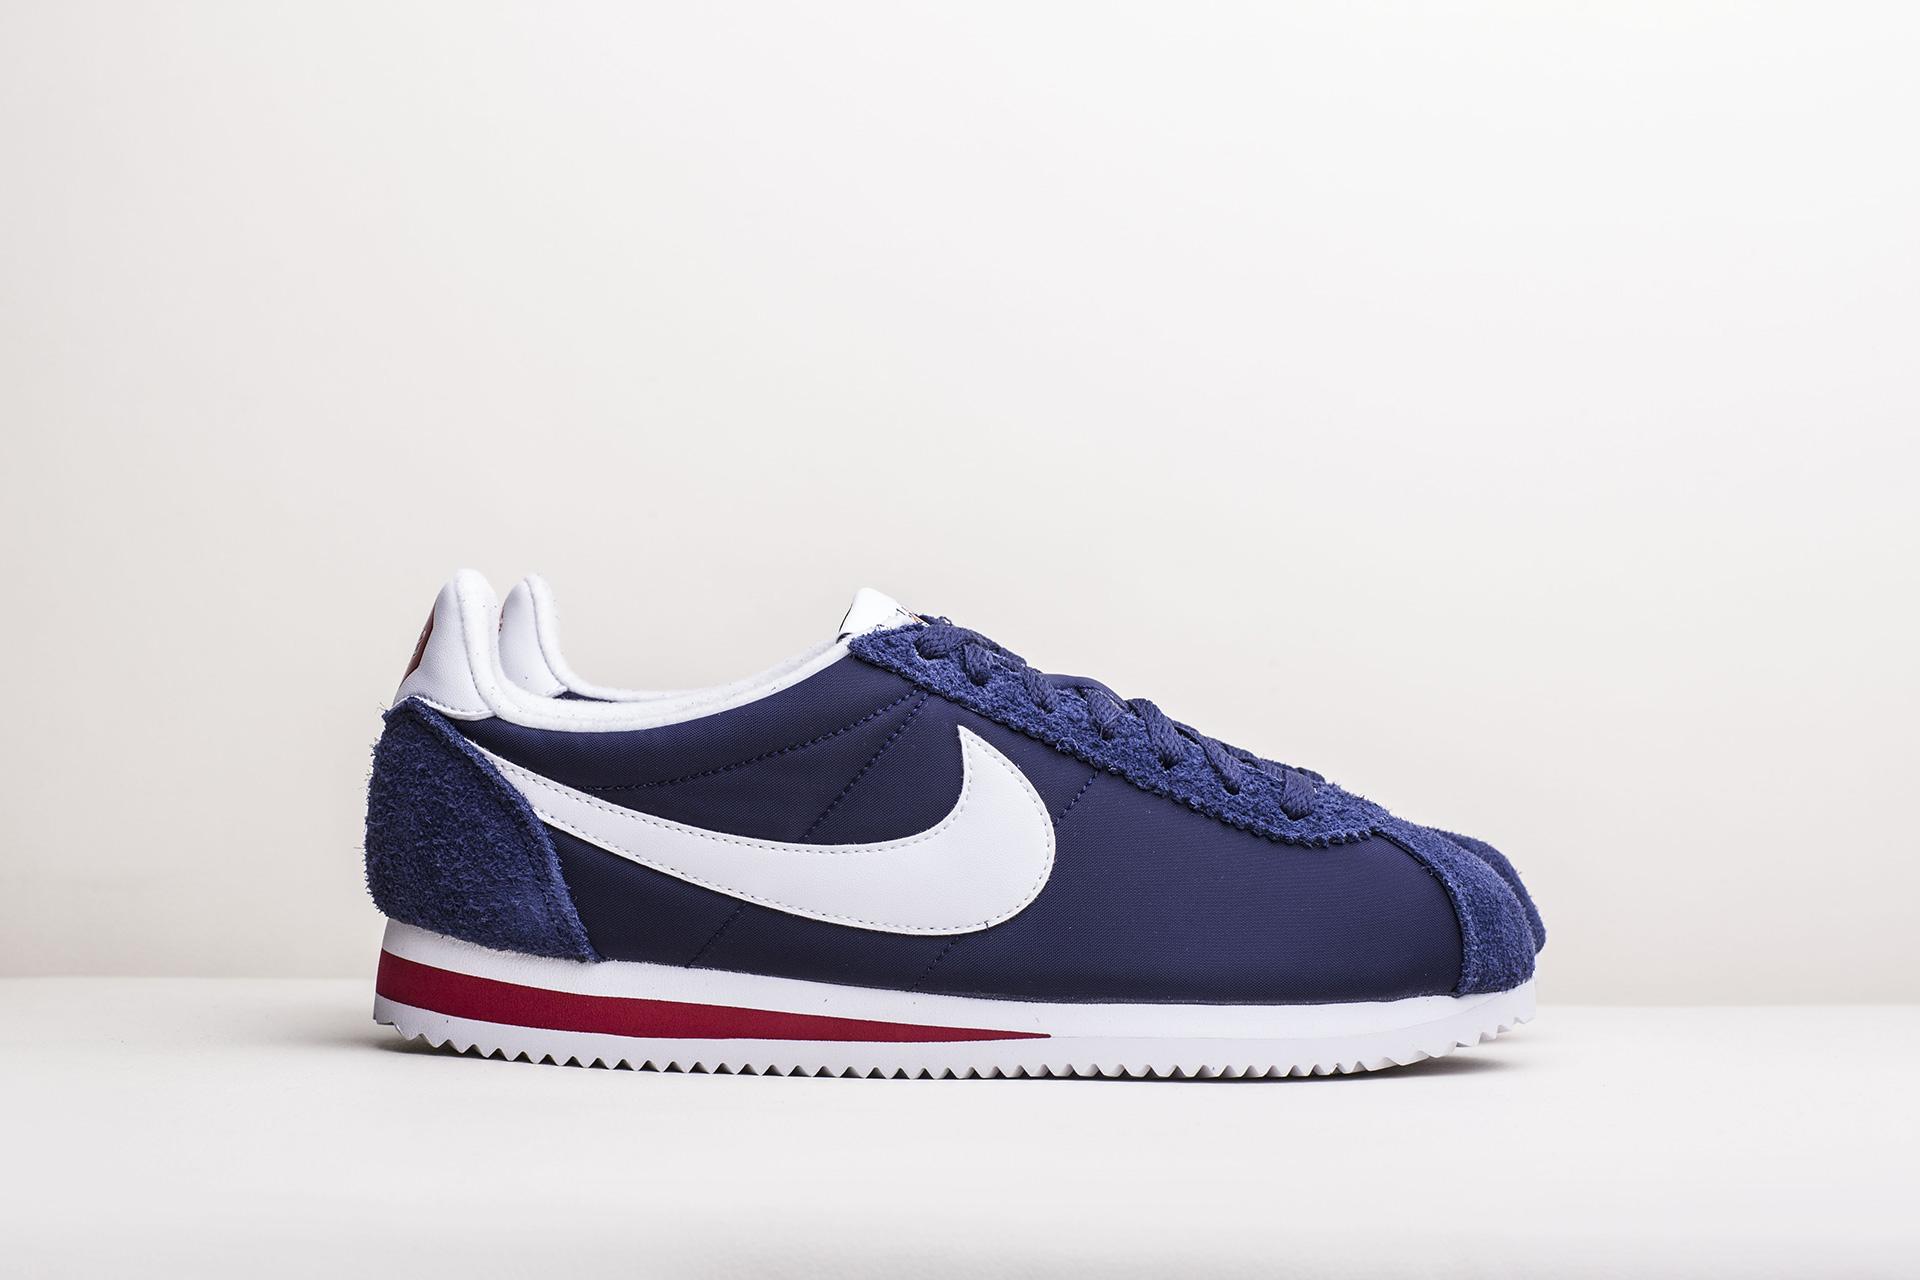 91245f41 Купить синие мужские кроссовки Classic Cortez Nylon PREM от Nike ...